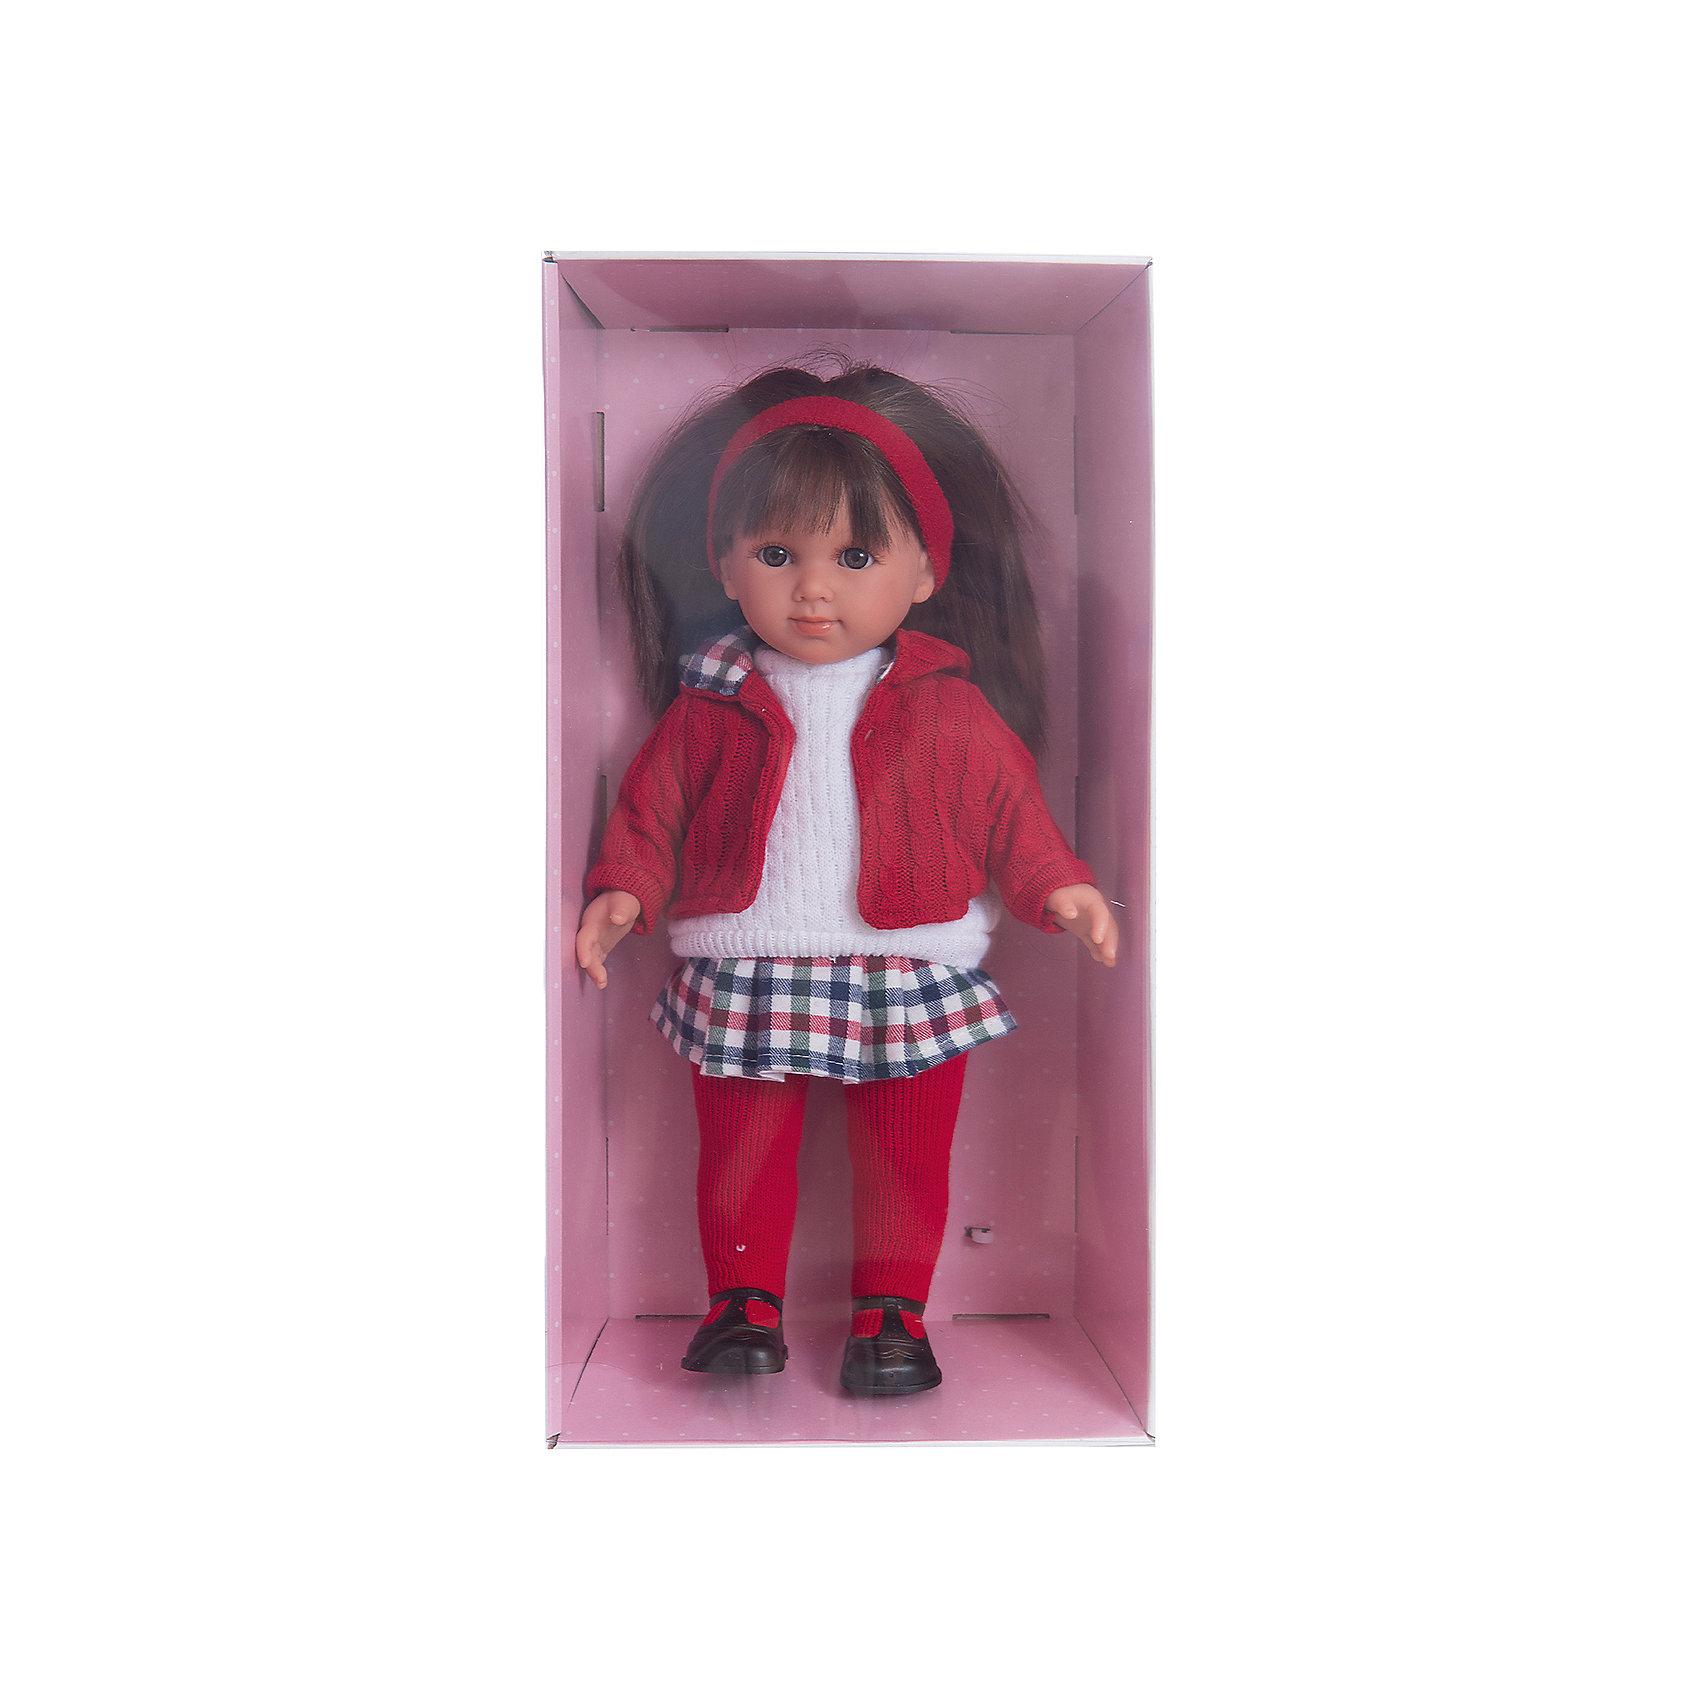 Кукла Елена, 35 см, LlorensБренды кукол<br>Характеристики:<br><br>• Предназначение: для сюжетно-ролевых игр<br>• Тип куклы: мягконабивная<br>• Пол куклы: девочка <br>• Цвет волос: темно-русые<br>• Материал: поливинилхлорид, пластик, нейлон, текстиль<br>• Цвет: красный, белый, черный<br>• Высота куклы: 35 см<br>• Комплектация: кукла, юбка, свитер, курточка, колготки, туфли<br>• Вес: 950 г<br>• Размеры упаковки (Д*В*Ш): 22*43*10 см<br>• Упаковка: подарочная картонная коробка <br>• Особенности ухода: допускается деликатная стирка без использования красящих и отбеливающих средств предметов одежды куклы<br><br>Кукла Елена 35 см – кукла, производителем которого является всемирно известный испанский кукольный бренд Llorens. Куклы этой торговой марки имеют свою неповторимую внешность и целую линейку образов как пупсов, так и кукол-малышей. Игрушки выполнены из сочетания поливинилхлорида и пластика, что позволяет с высокой долей достоверности воссоздать физиологические и мимические особенности маленьких детей. При изготовлении кукол Llorens используются только сертифицированные материалы, безопасные и не вызывающие аллергических реакций. Волосы у кукол отличаются густотой, шелковистостью и блеском, при расчесывании они не выпадают и не ломаются.<br>Кукла Елена 35 см выполнена в образе девочки: у нее карие глаза и прямые длинные волосы, придерживаемые красной атласной лентой. Комплект теплой одежды состоит из вязаного белого свитера, клетчатой юбки, красной курточки и колготочек. На ножках у Елены – черные туфельки с ремешками. <br>Кукла Елена 35 см – это идеальный вариант для подарка к различным праздникам и торжествам.<br><br>Куклу Елену 35 см можно купить в нашем интернет-магазине.<br><br>Ширина мм: 22<br>Глубина мм: 43<br>Высота мм: 10<br>Вес г: 950<br>Возраст от месяцев: 36<br>Возраст до месяцев: 84<br>Пол: Женский<br>Возраст: Детский<br>SKU: 5086944